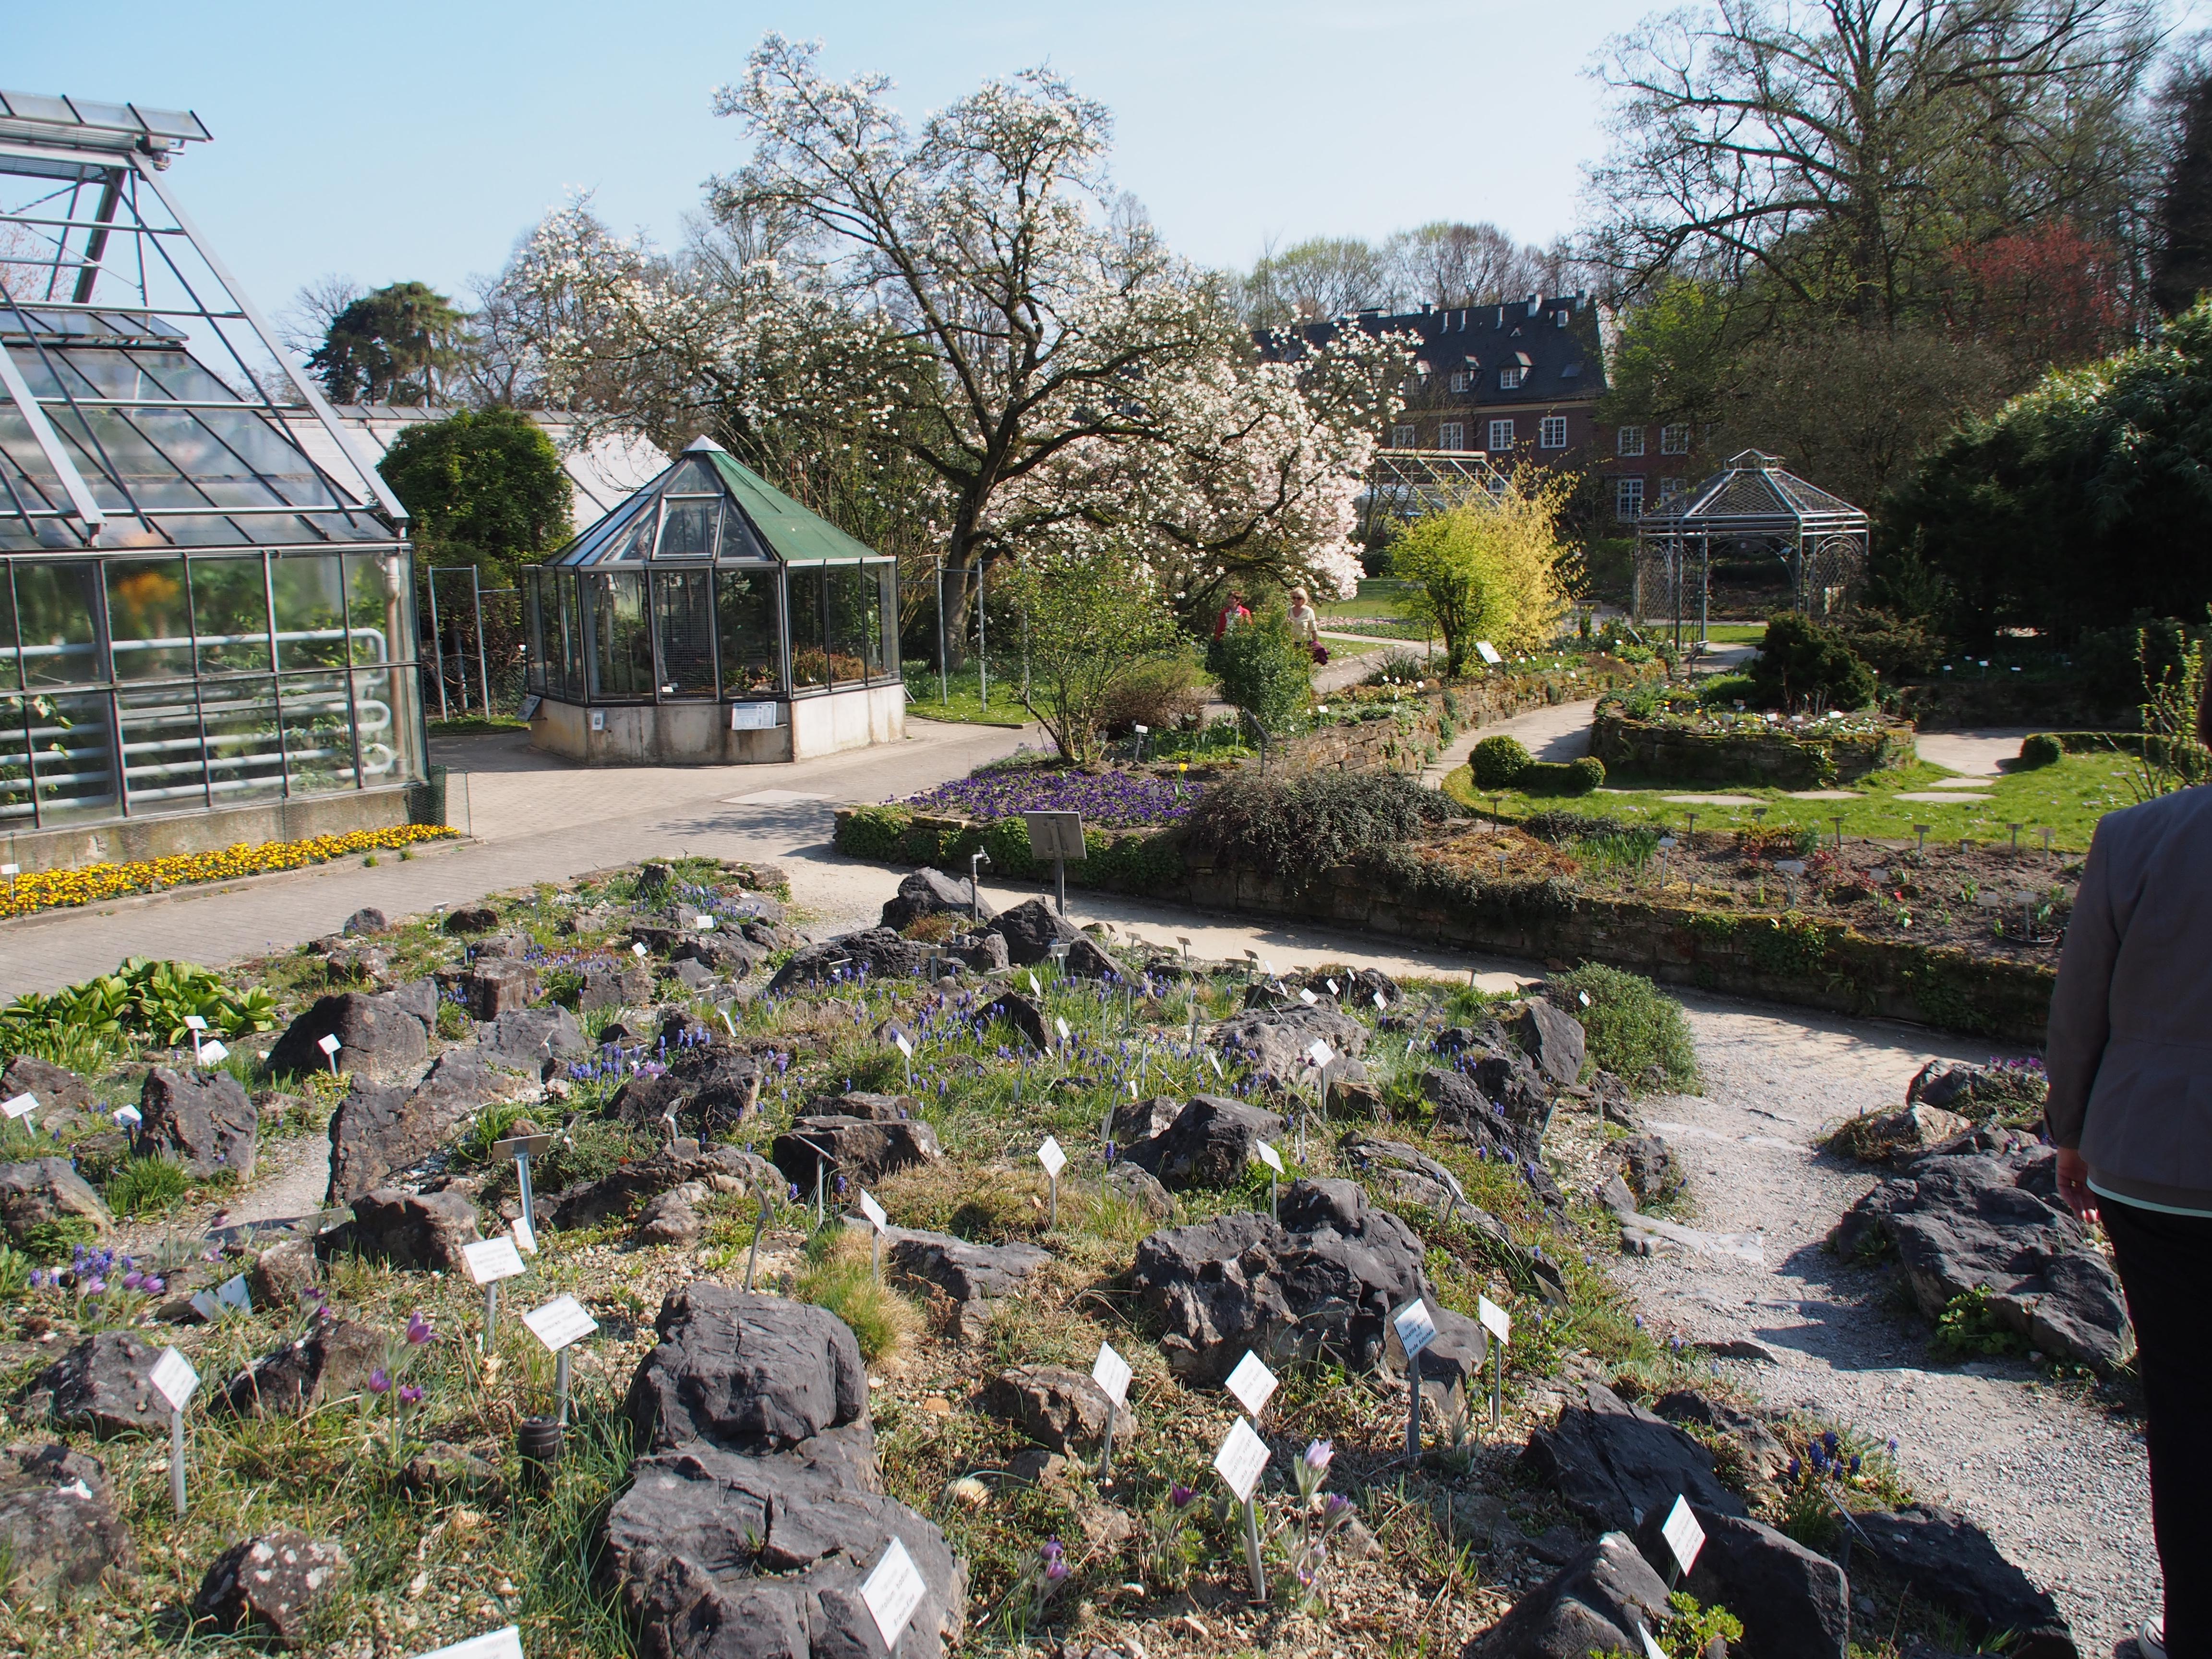 Garten Münster file münster schloss botanischer garten infoschilder jpg wikimedia